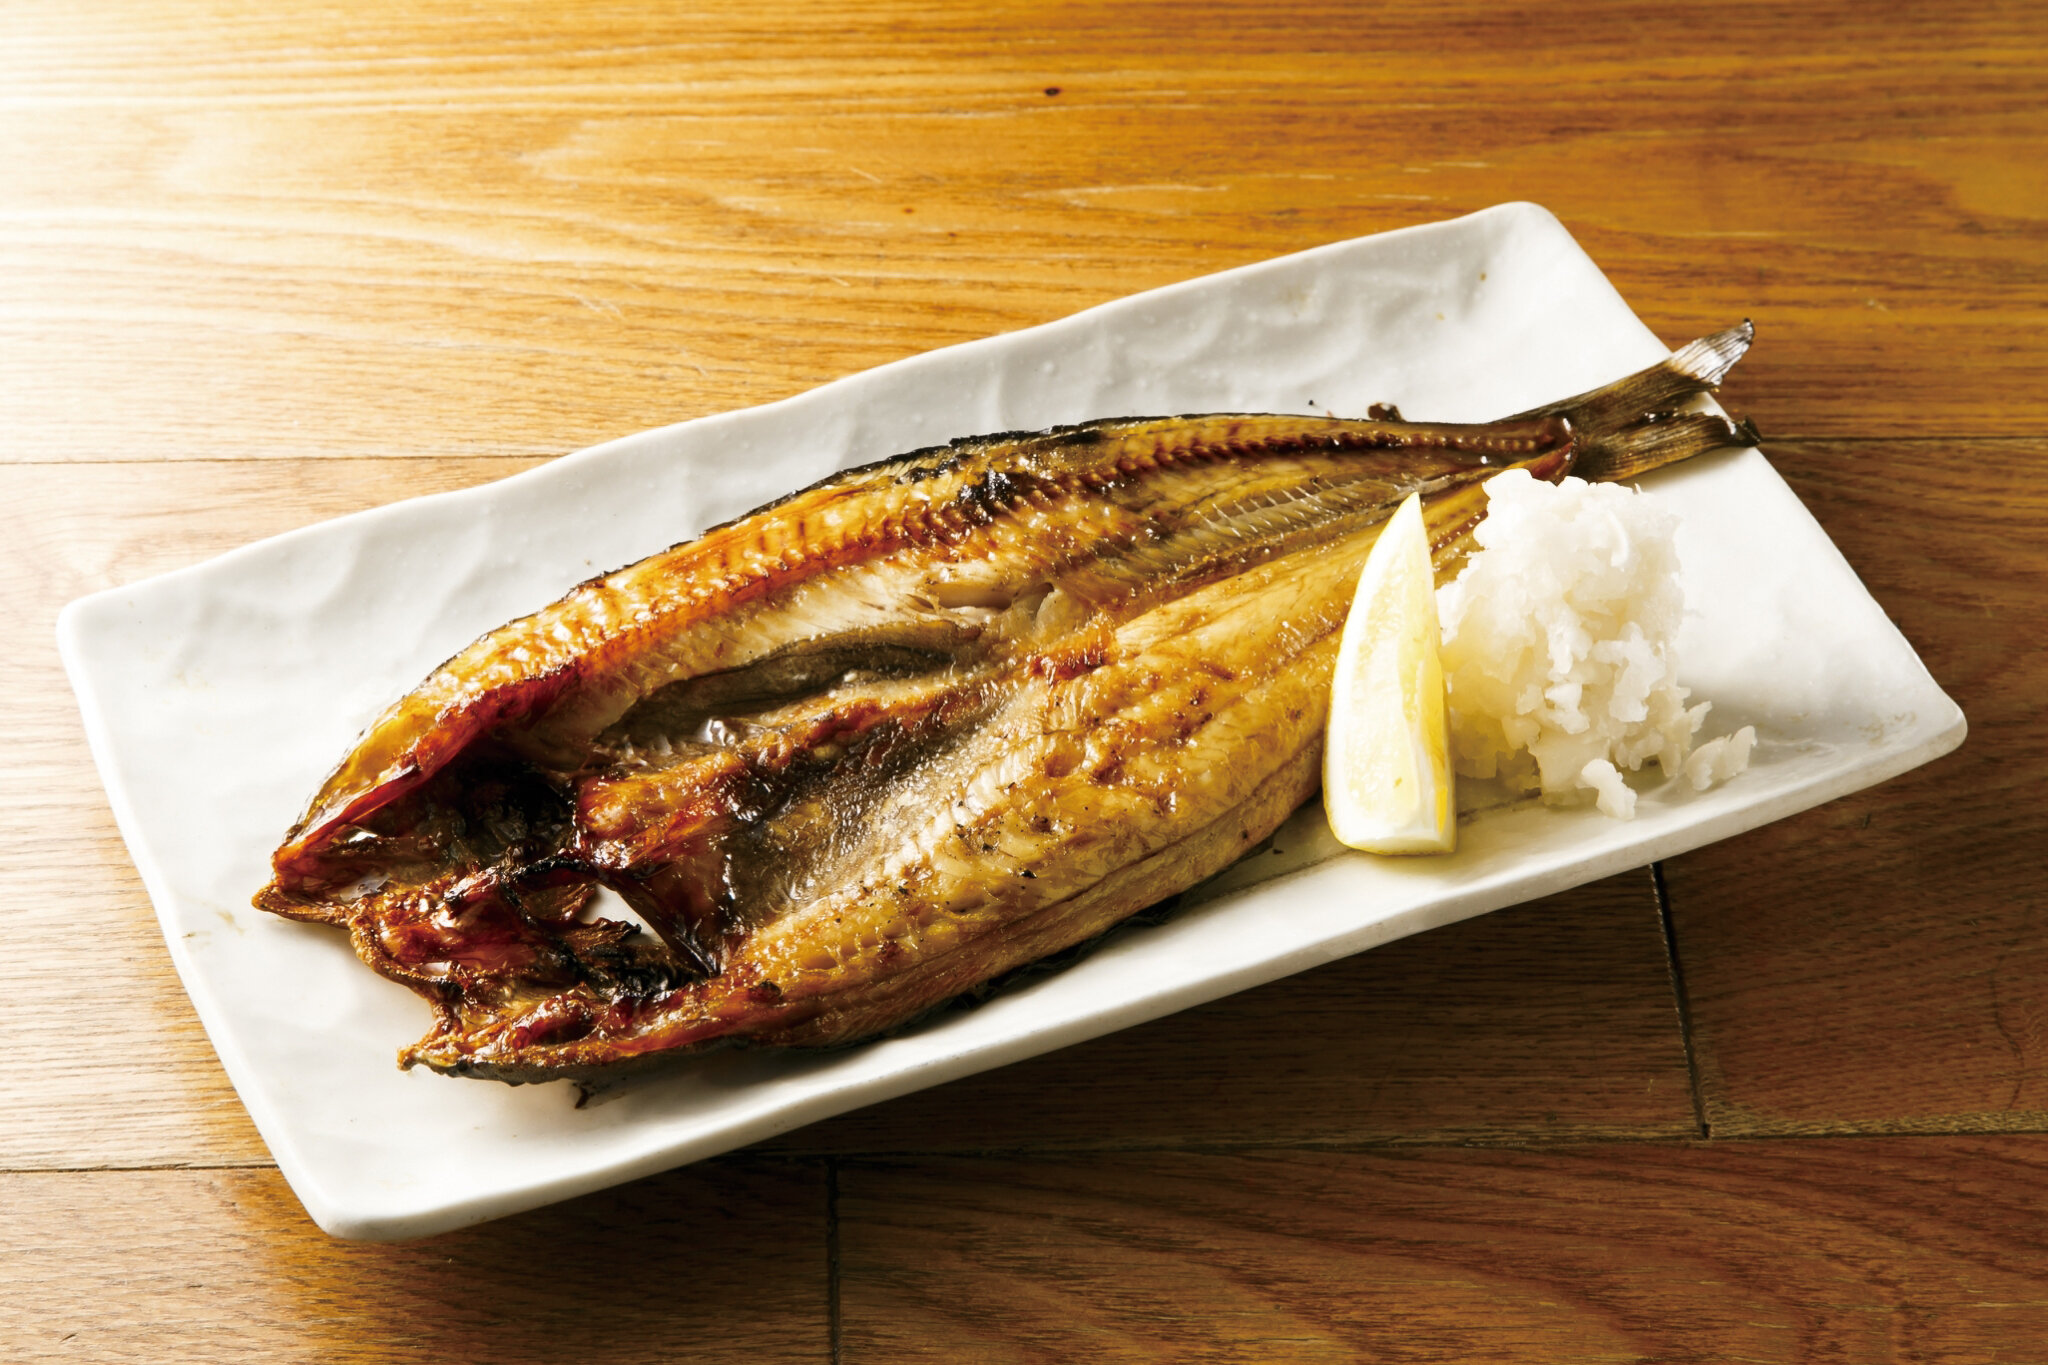 ホッケ焼・丸 Grilled Atka Mackerel Full ($25)